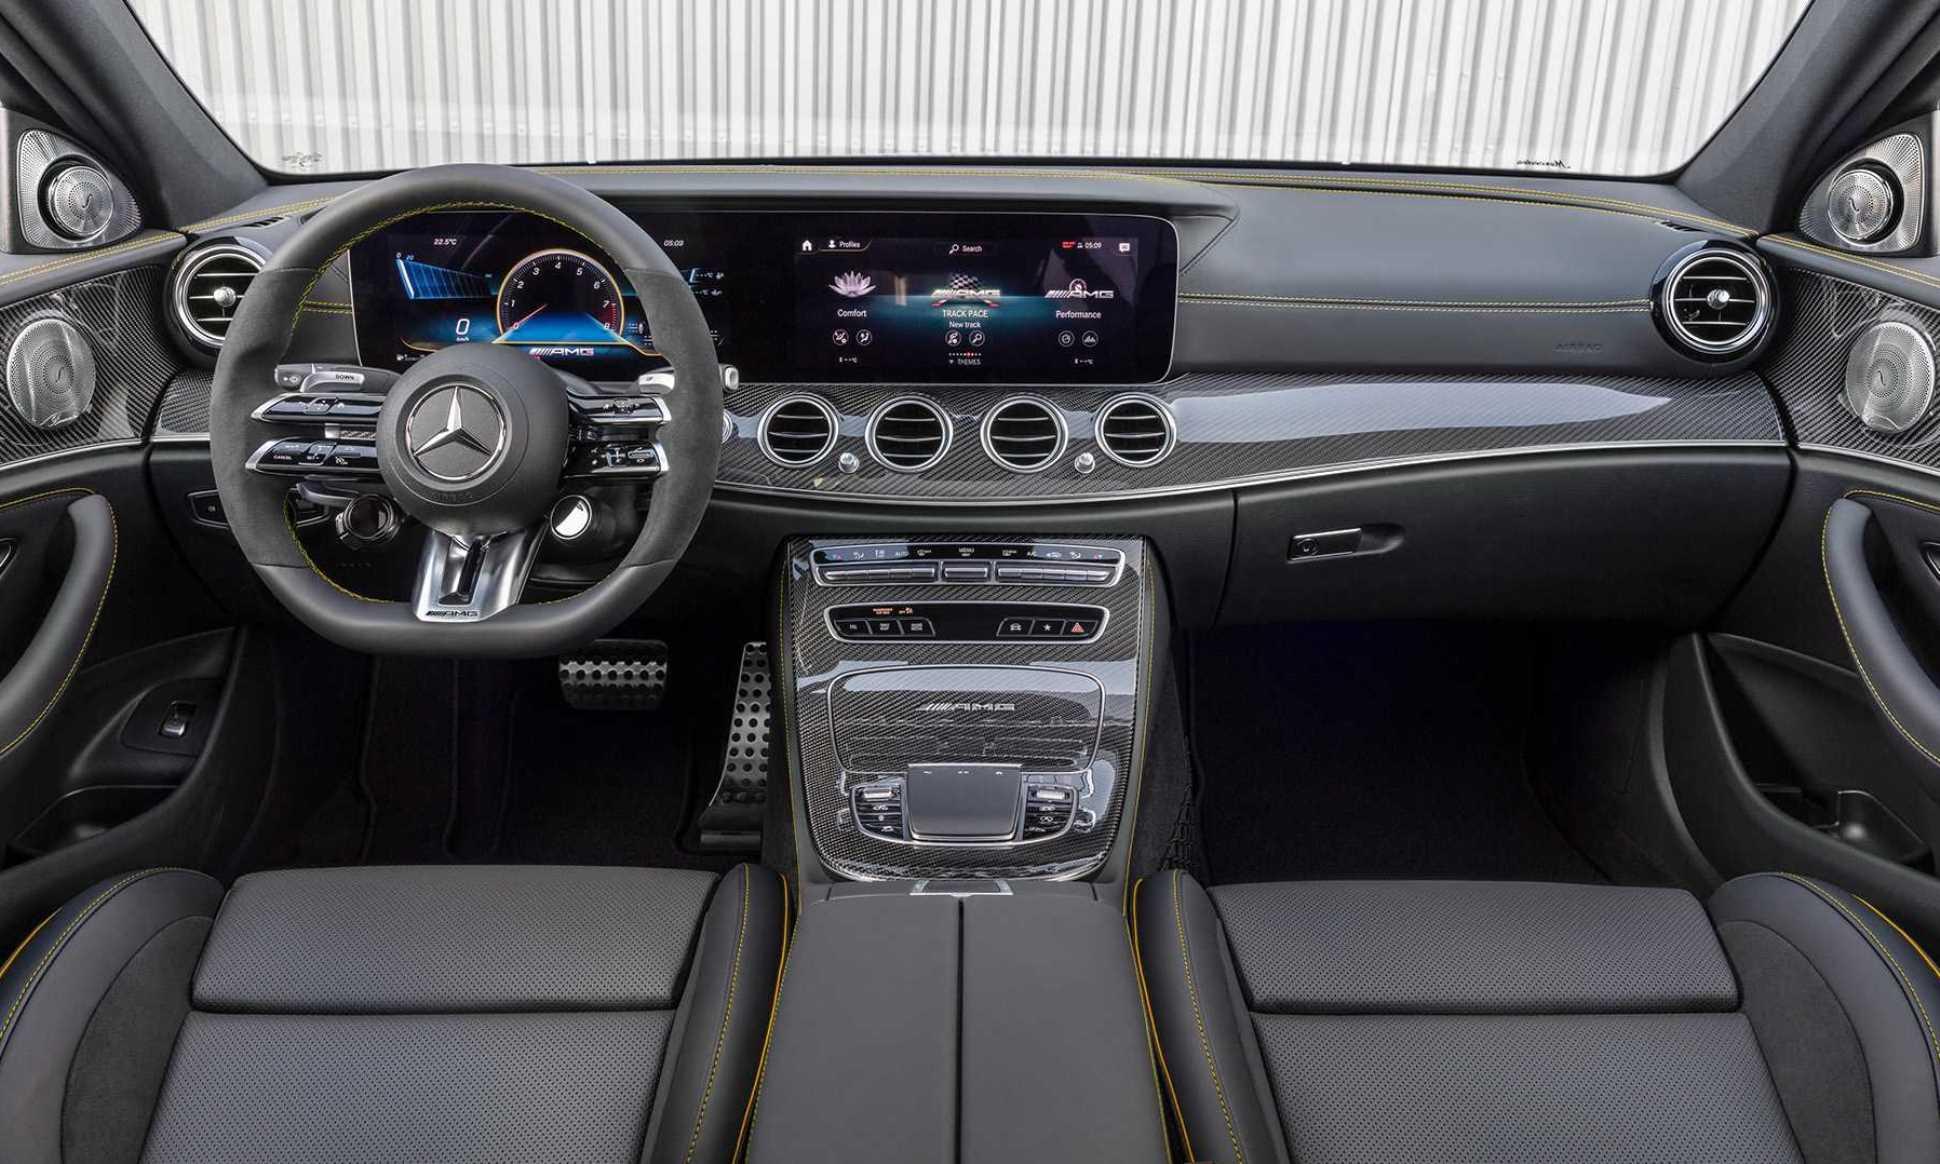 Mercedes-AMG E63S facelift interior